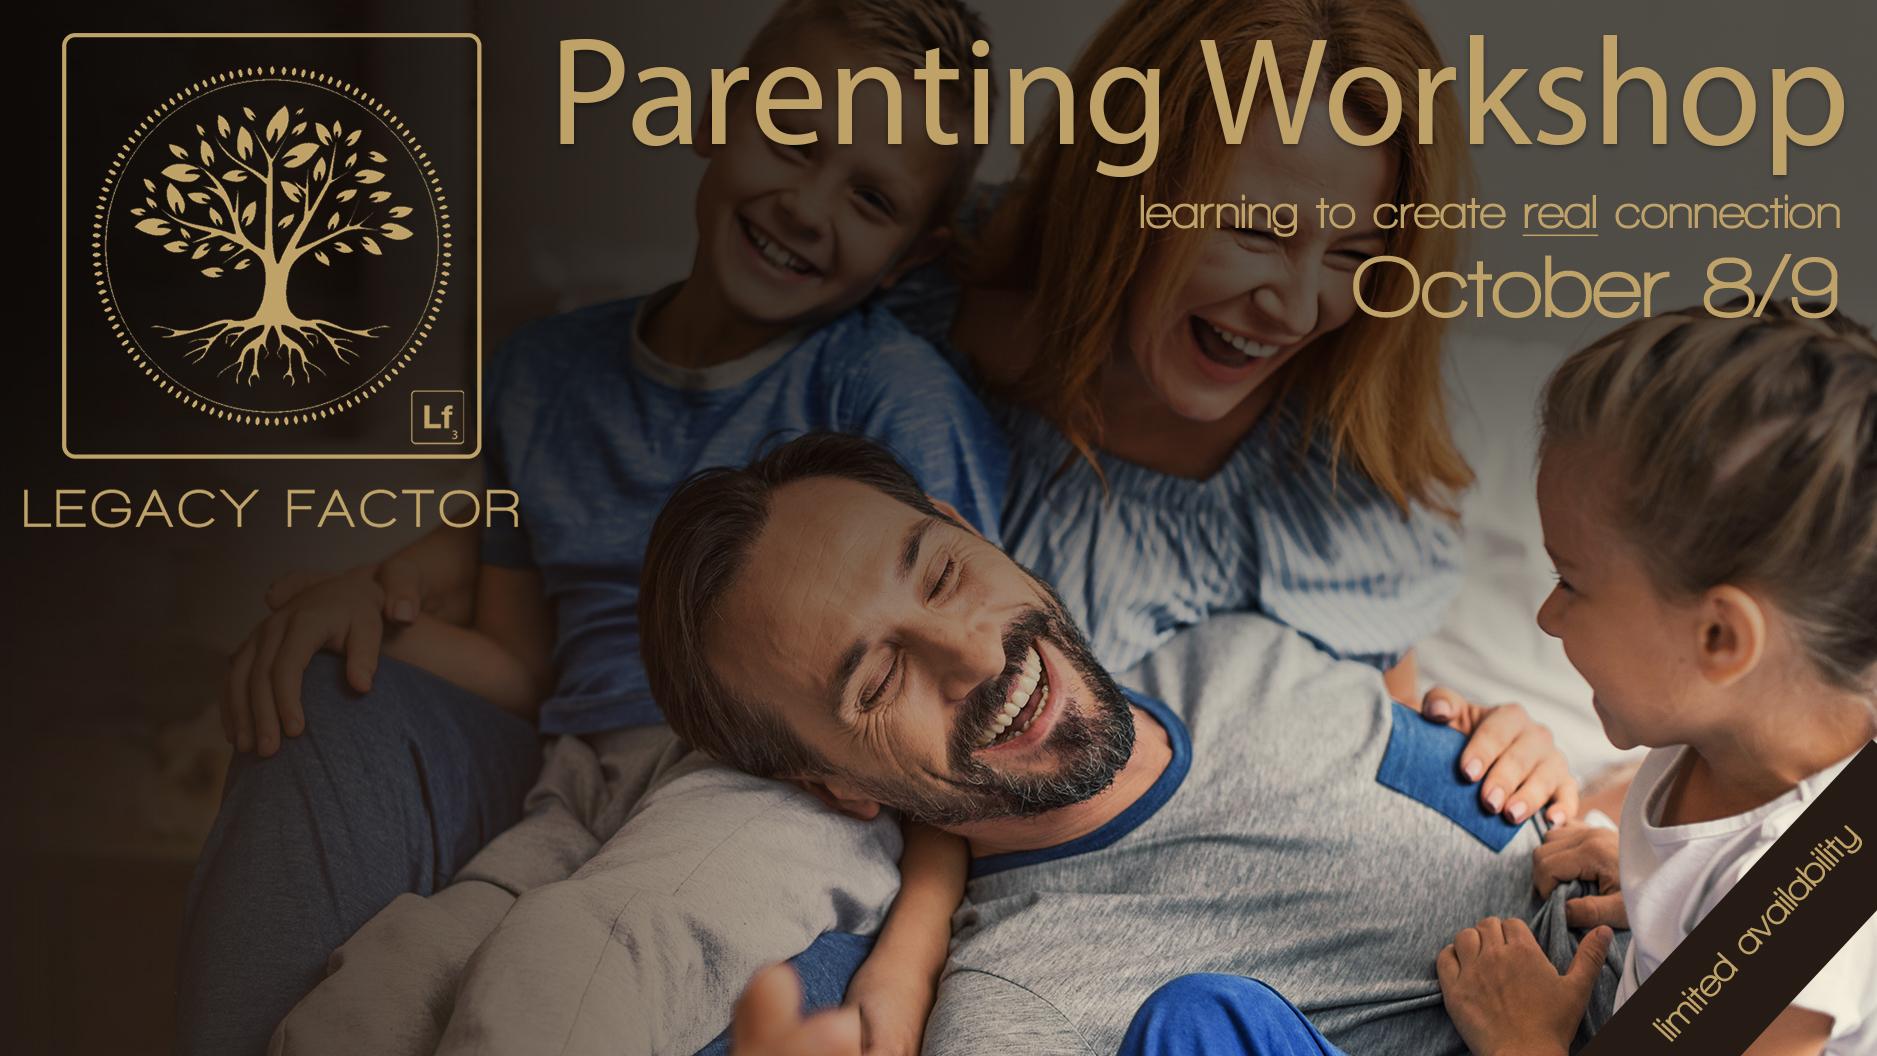 Legacy Factor Parenting Workshop